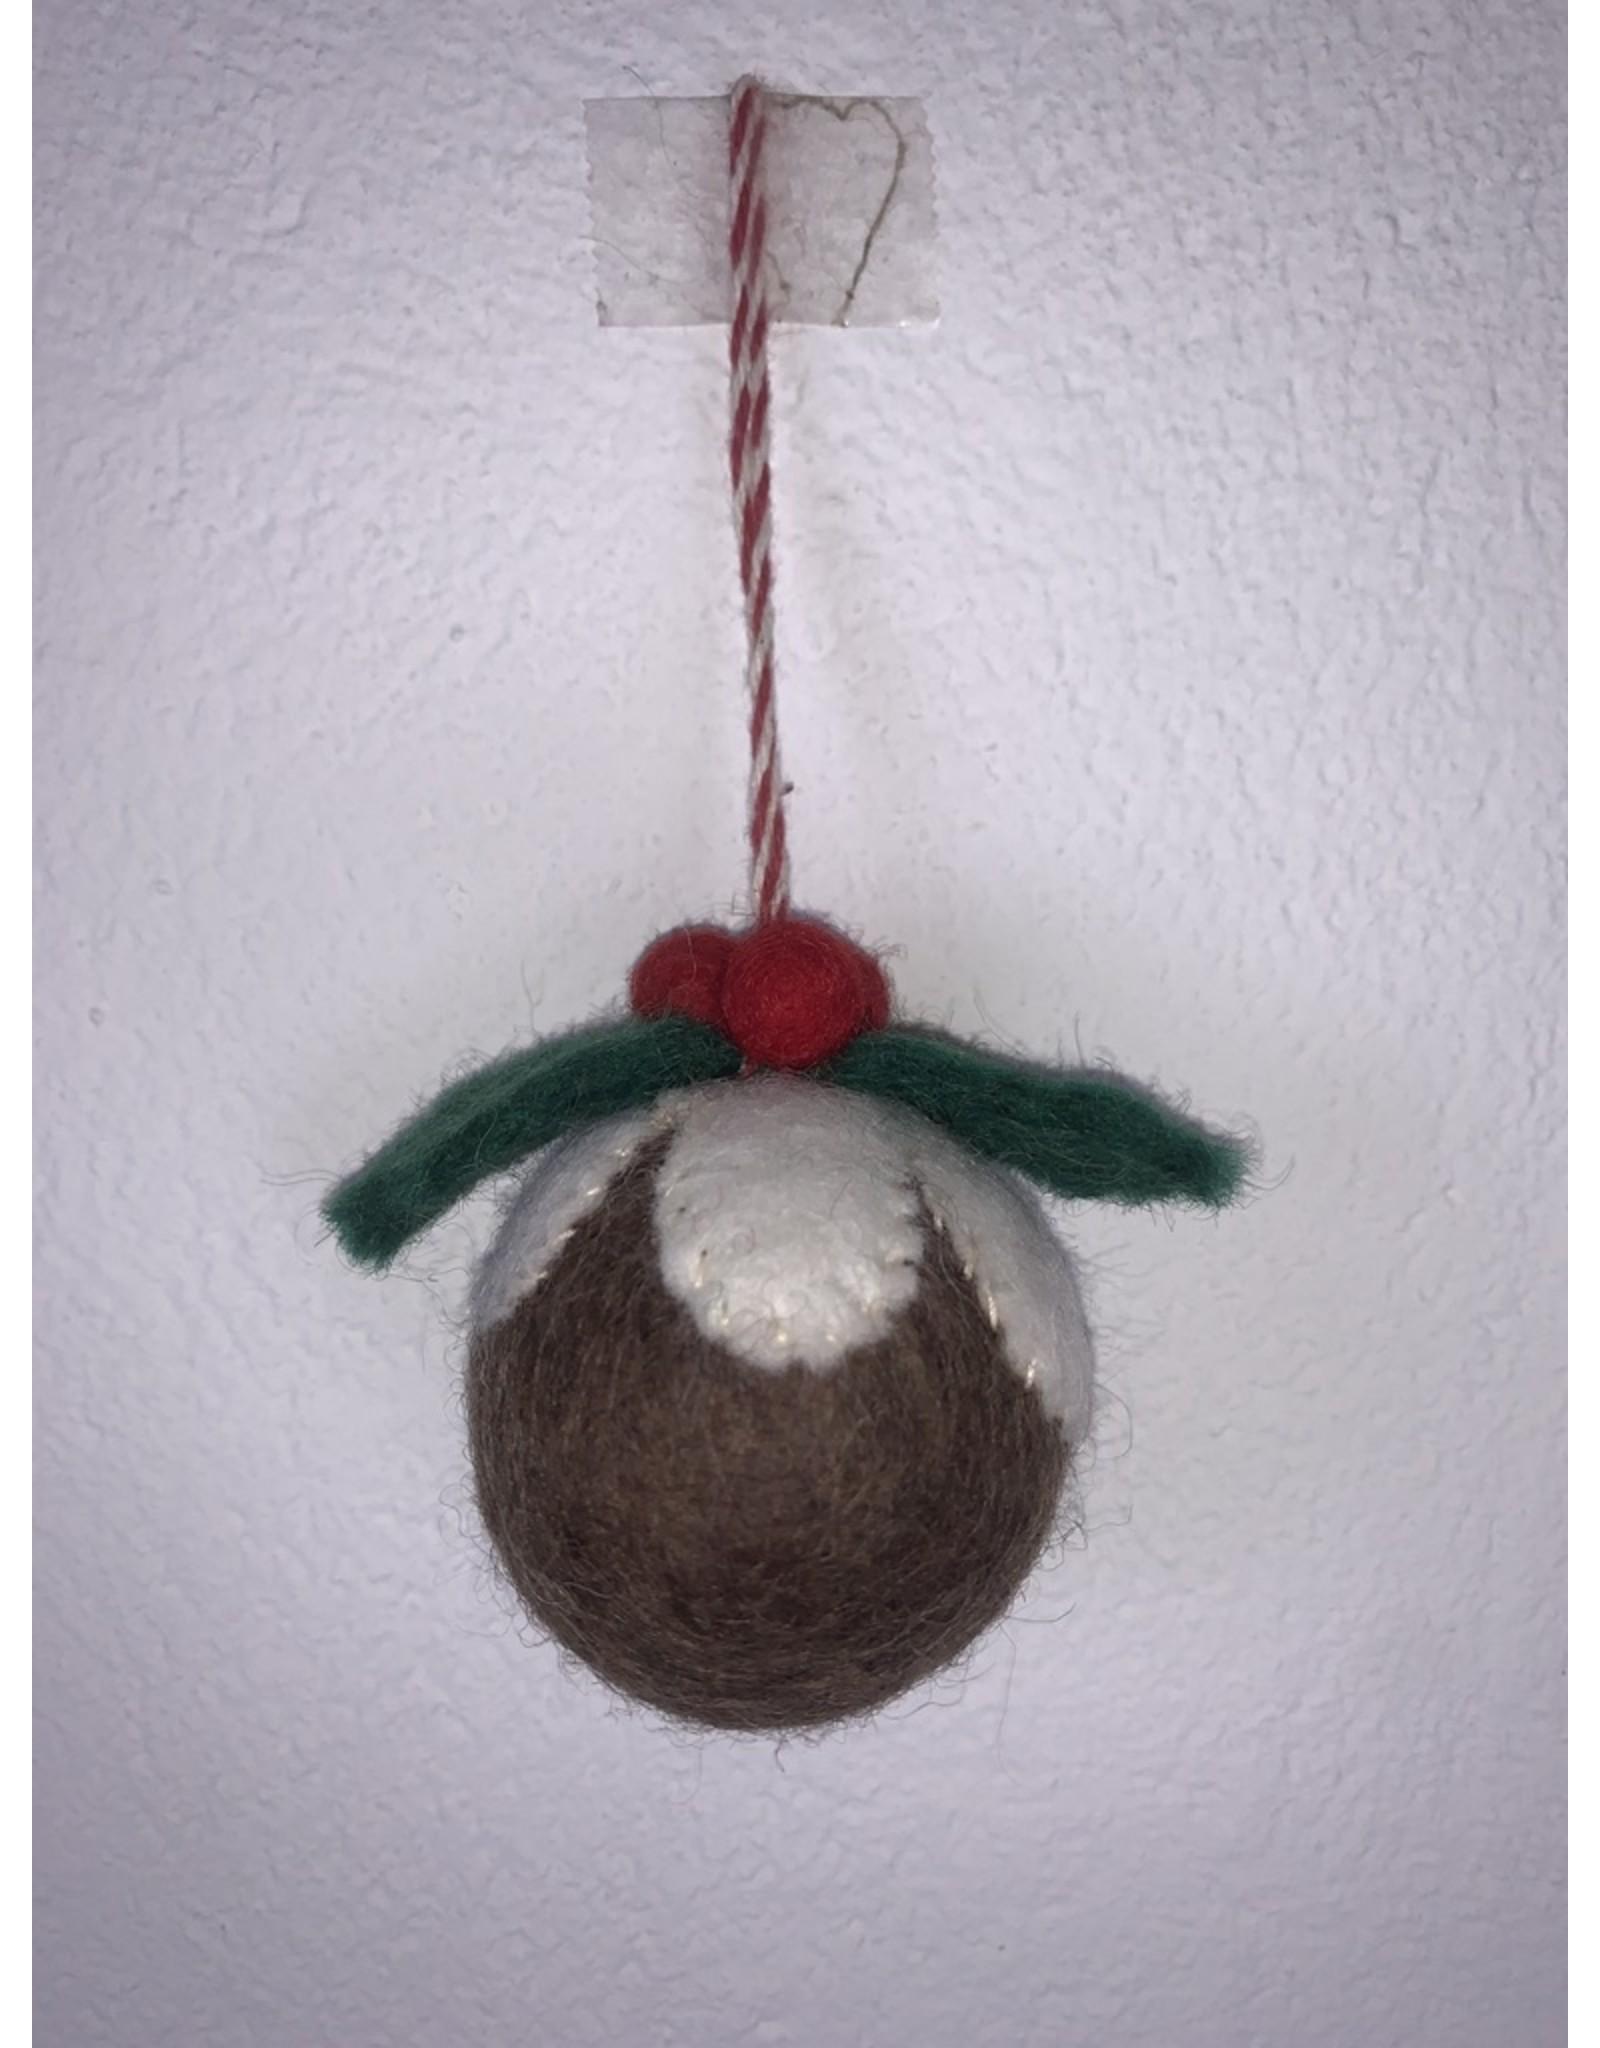 sense&purpose Filz Weihnachtskugel 100% Wolle gefilzt